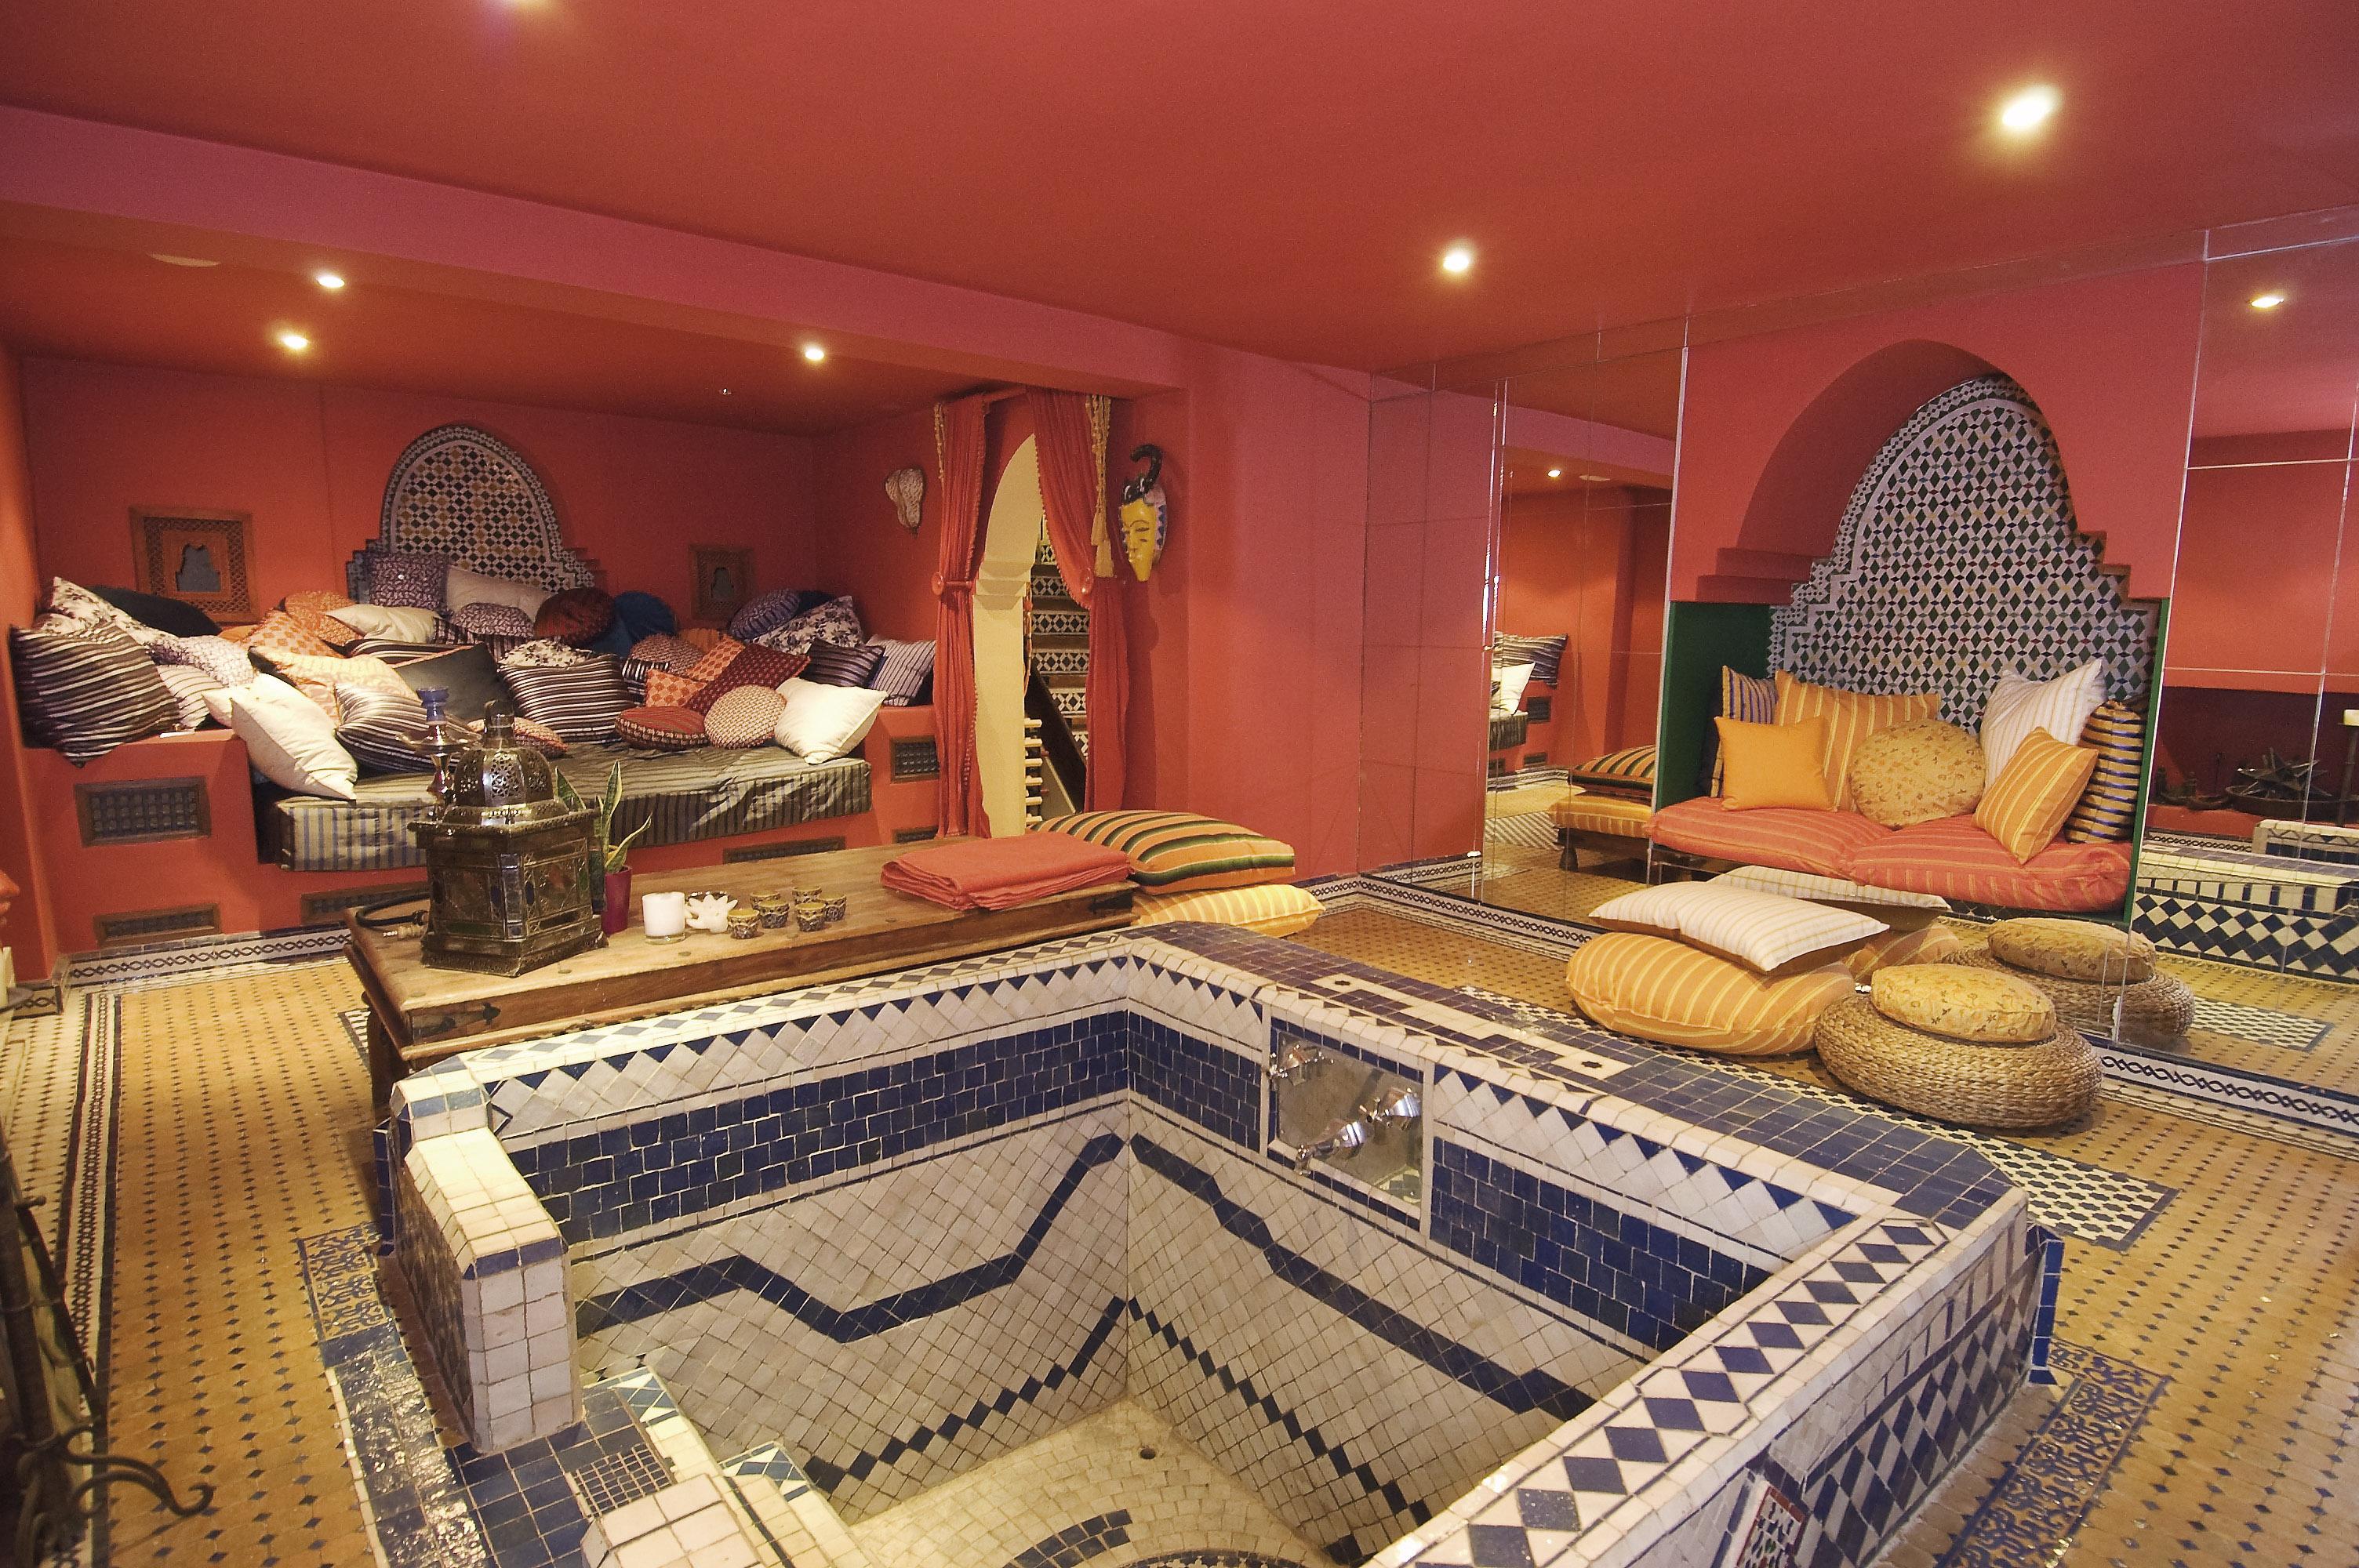 Desktop Moroccan Wallpapers